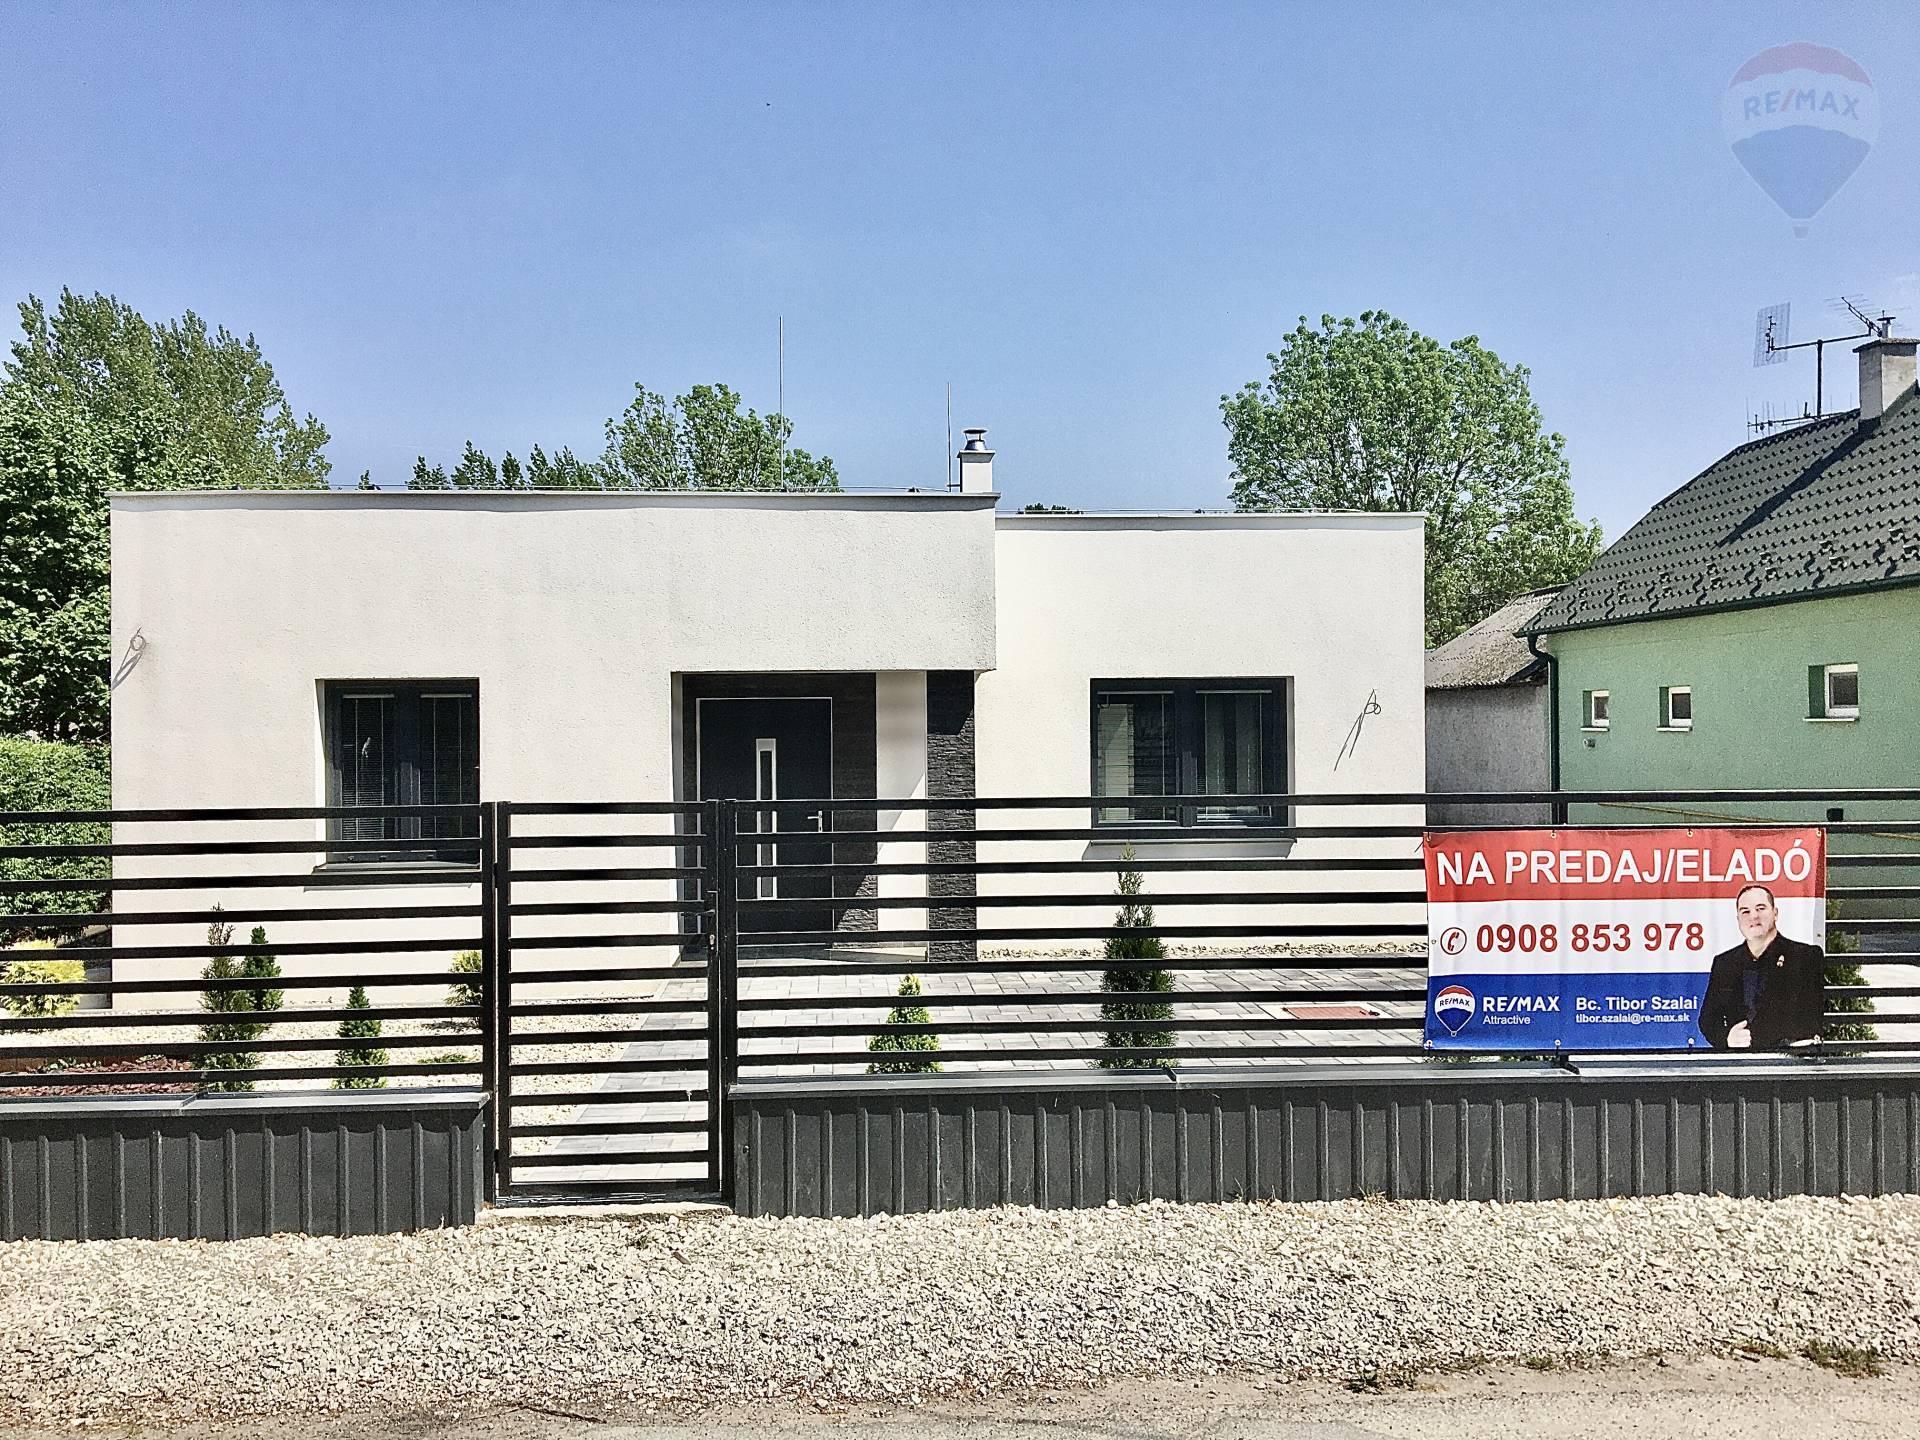 Predaj:DOHODA ISTA!, 4i novostavba typu Bungalow v obci Dunajský Klátov, kludna lokalita